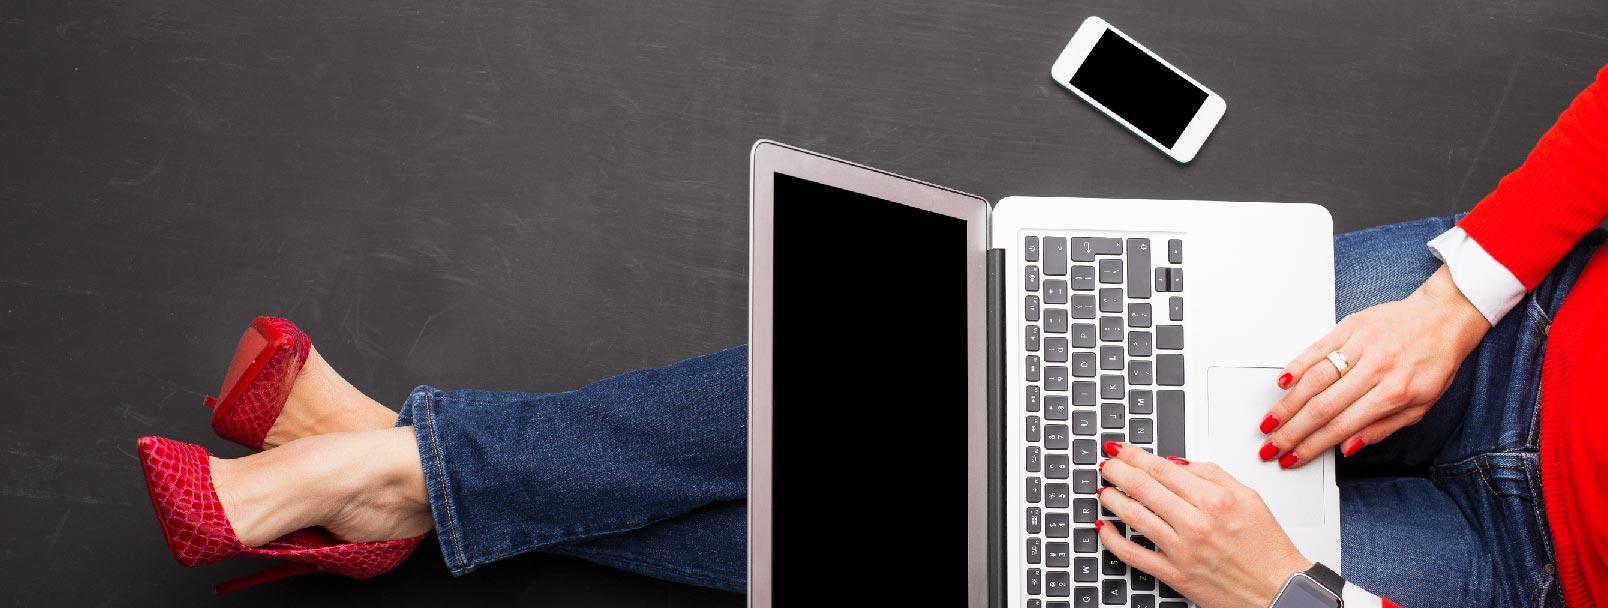 restaurer un iphone avec un ordinateur